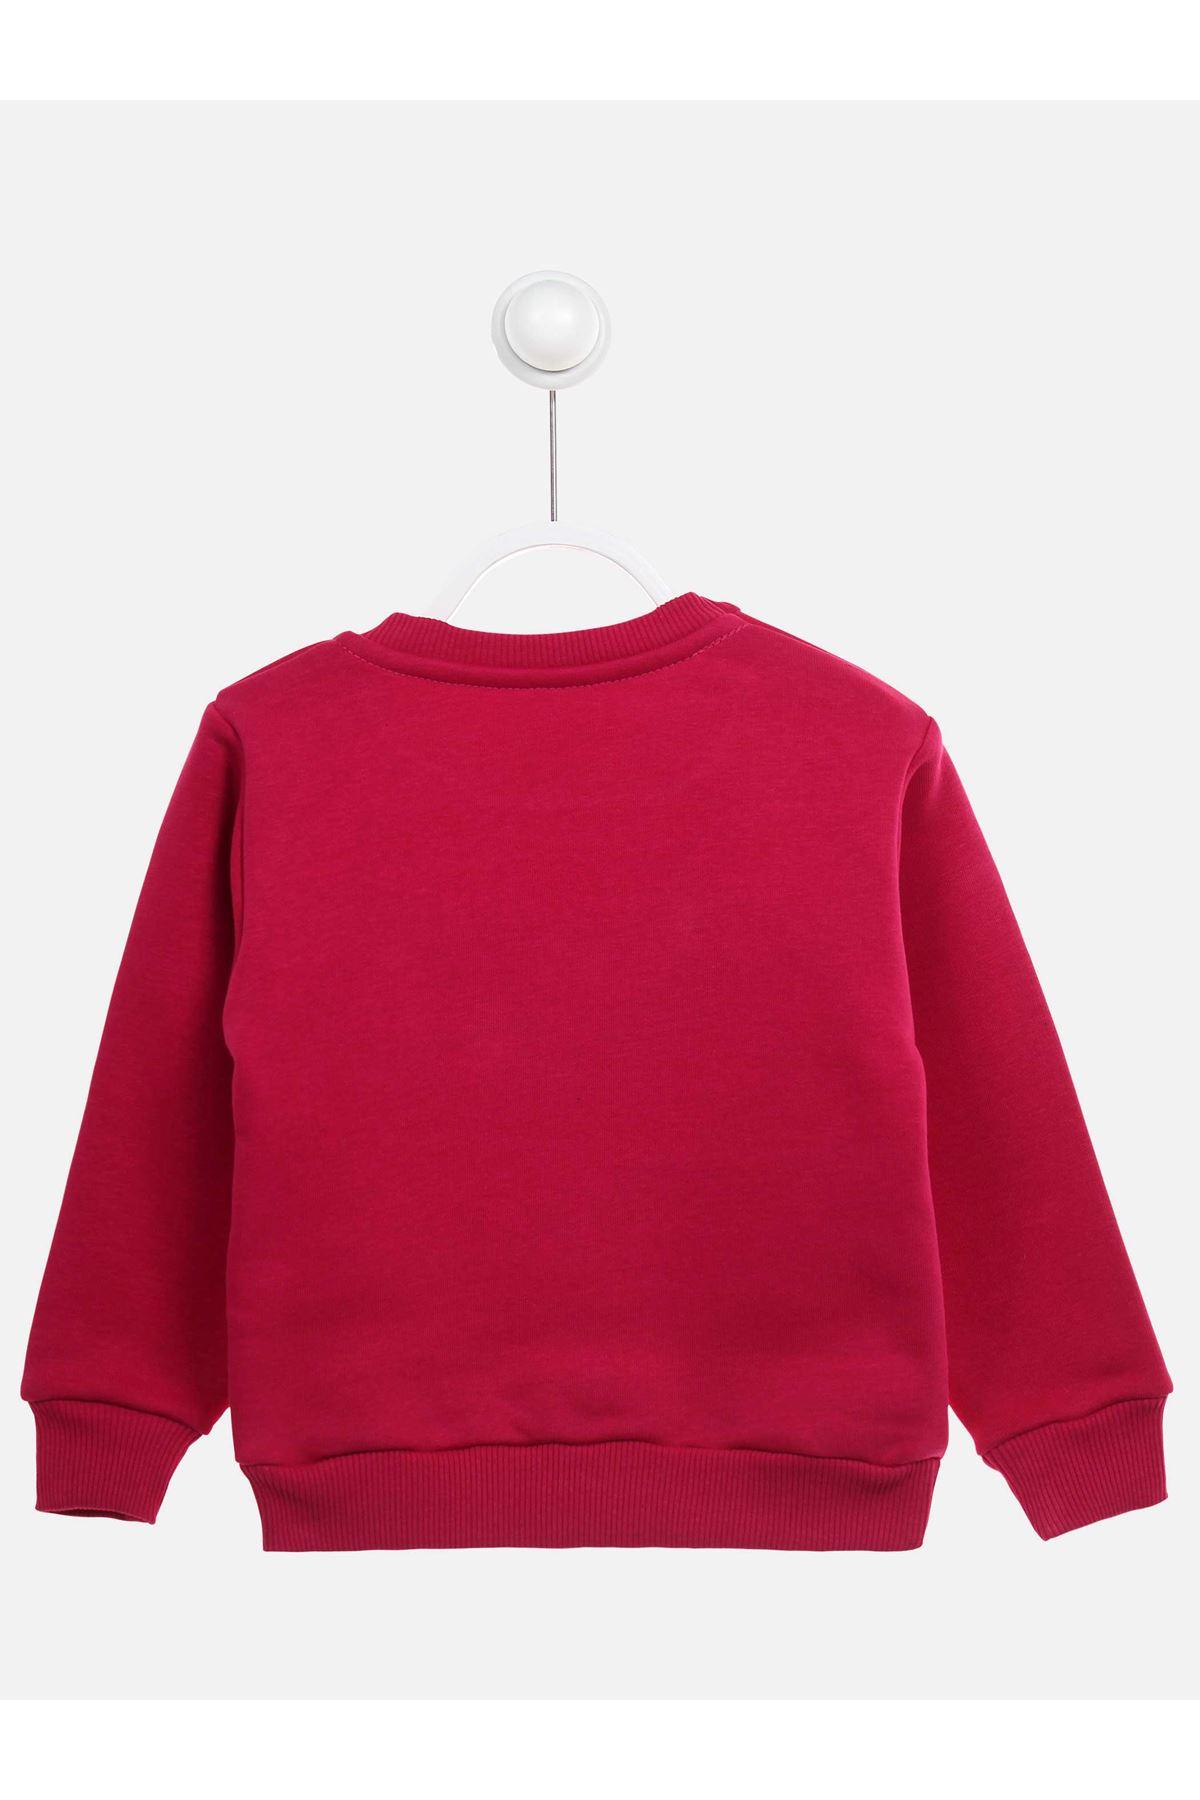 Mürdüm Kışlık Kız Çocuk Sweatshirt